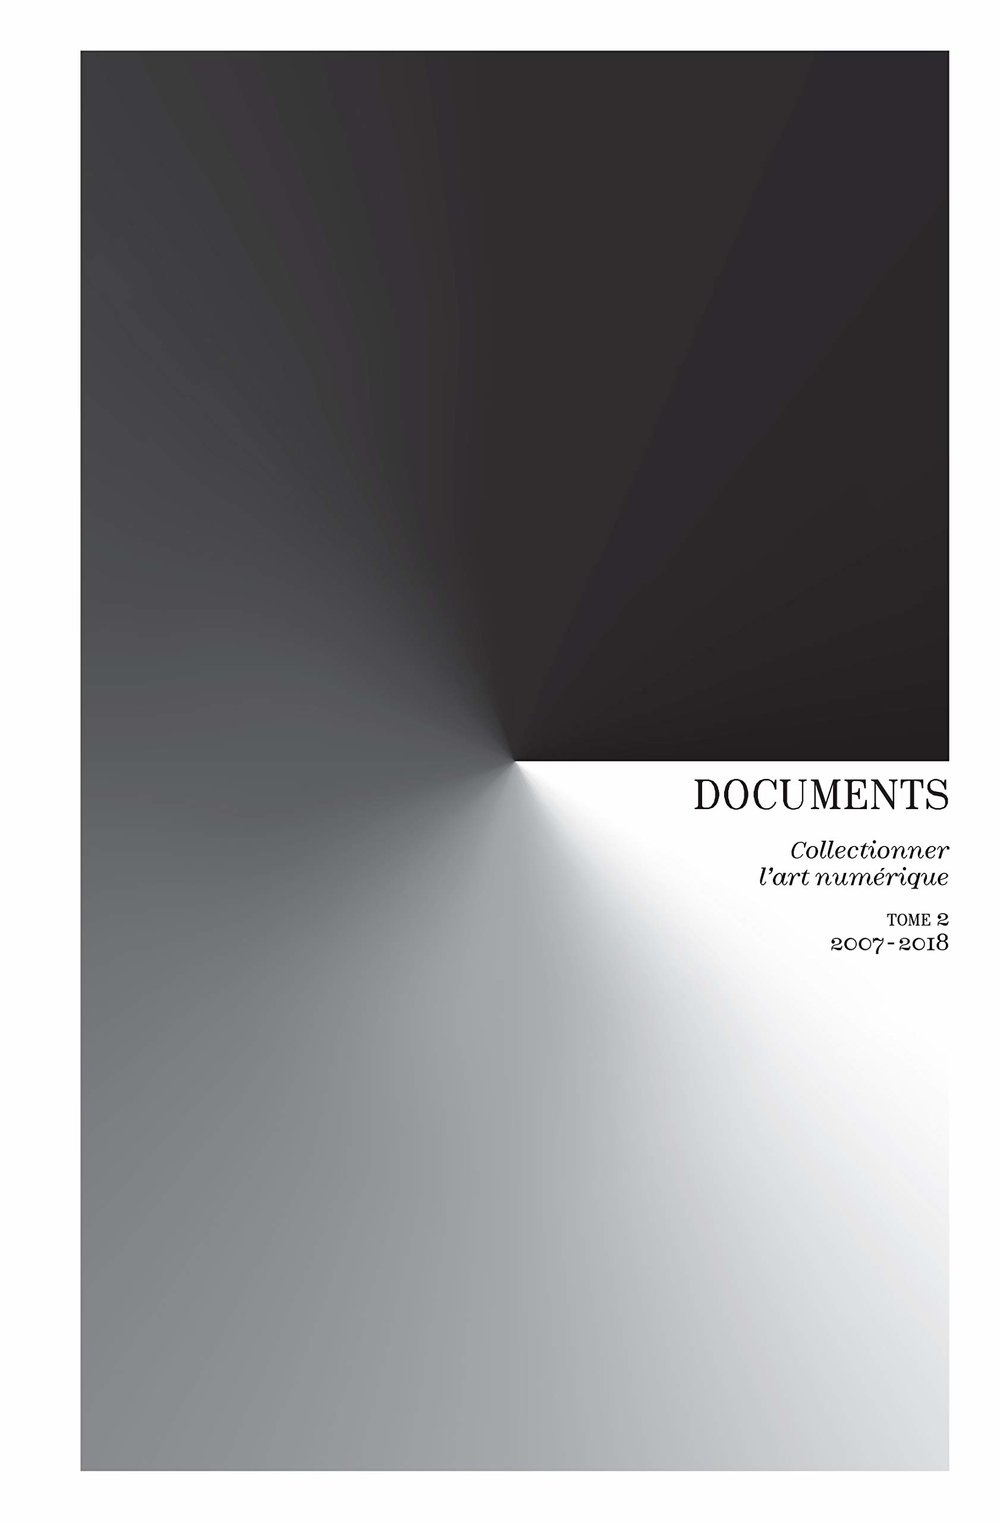 Documents - Documents - Collectionner l'Art Numerique - Tome 2 - 2007-2018Recent publicationLes Presses du RéelISBN-10: 2378960190ISBN-13: 978-2378960193